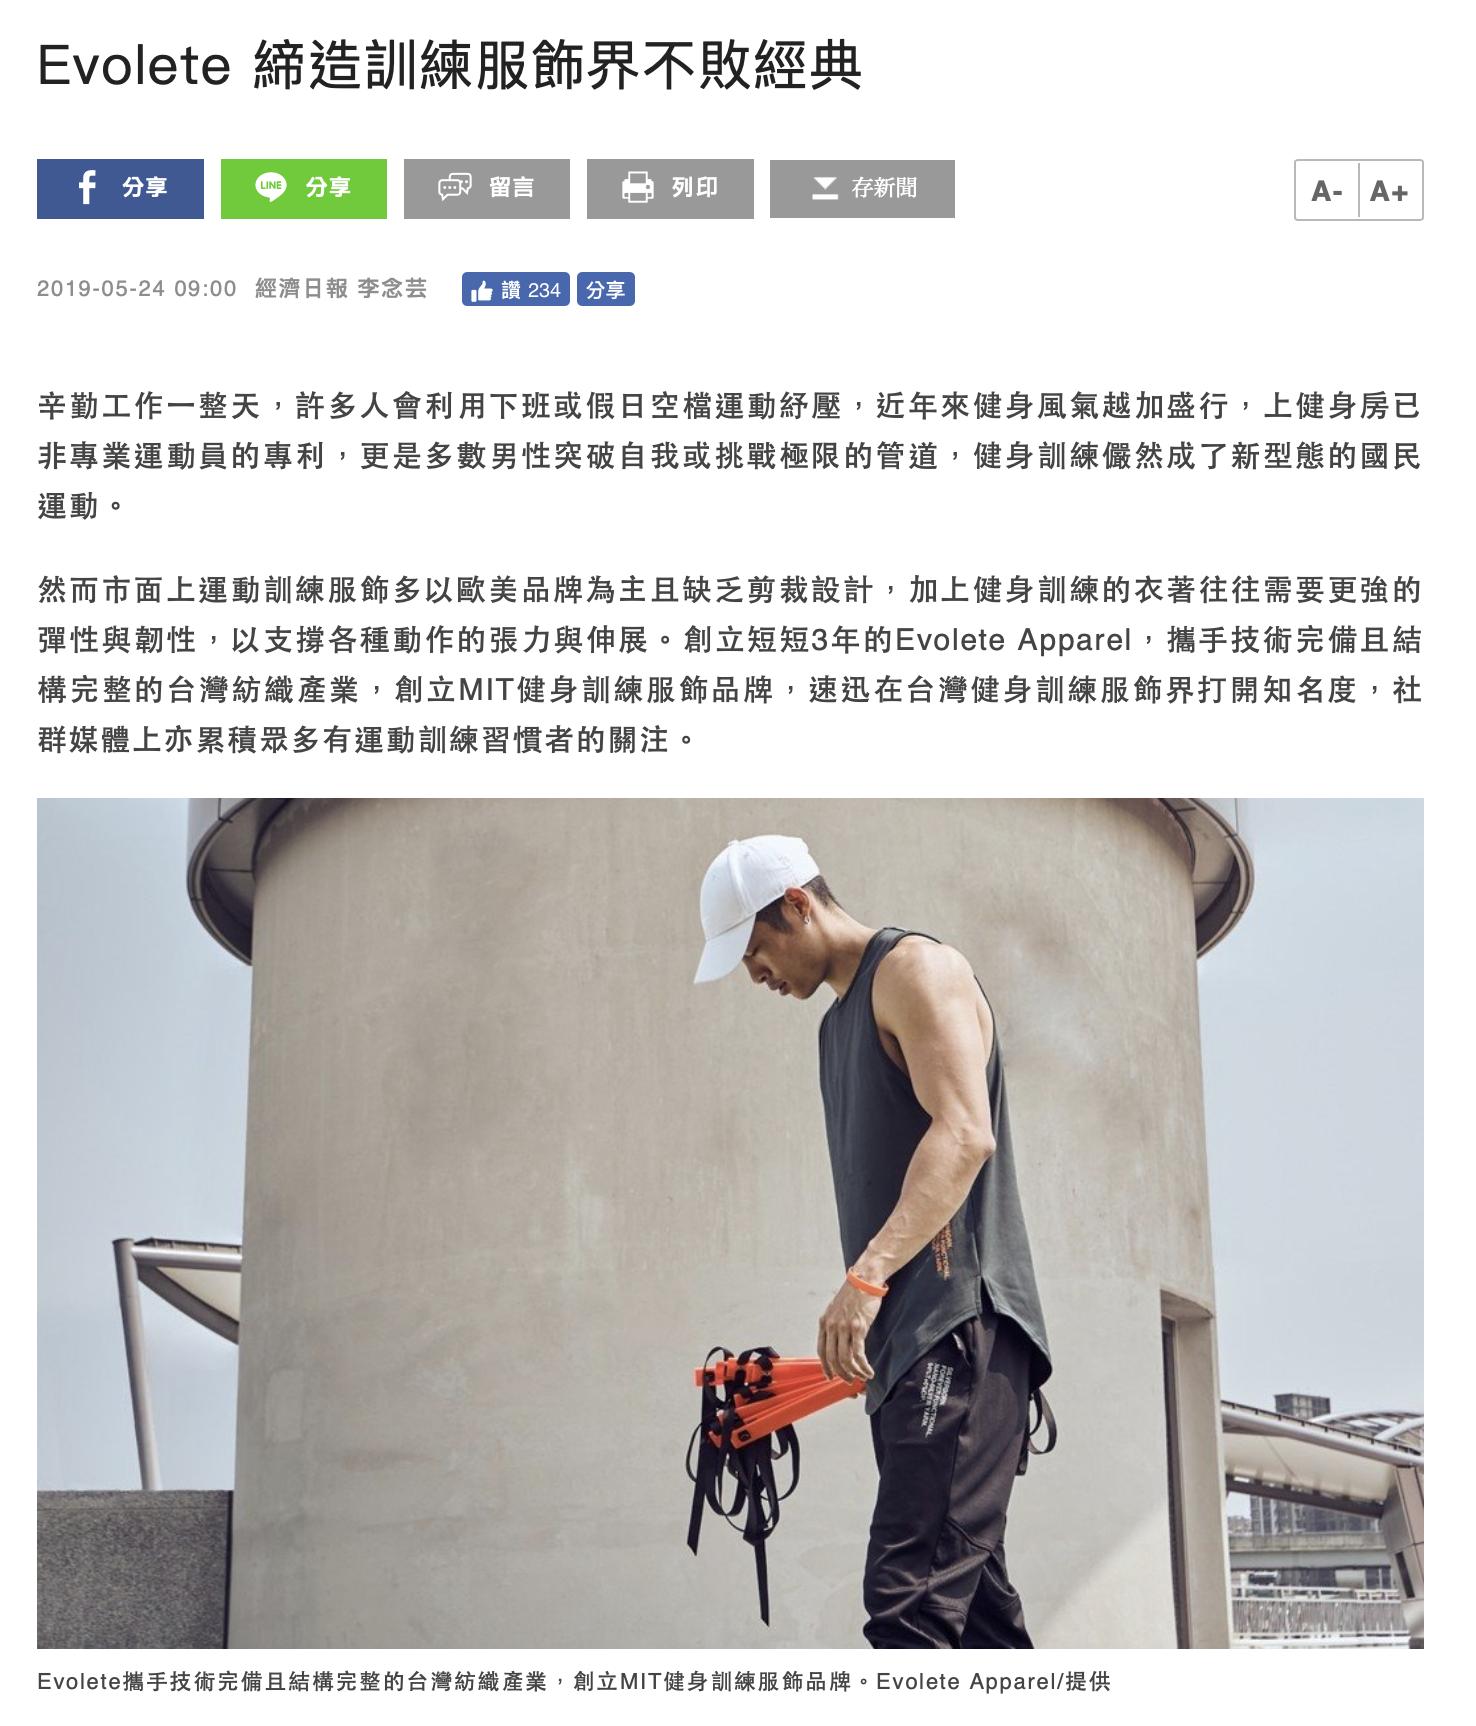 經濟日報報導:健身服飾品牌Evolete締造訓練服飾界不敗經典|Evolete Apparel